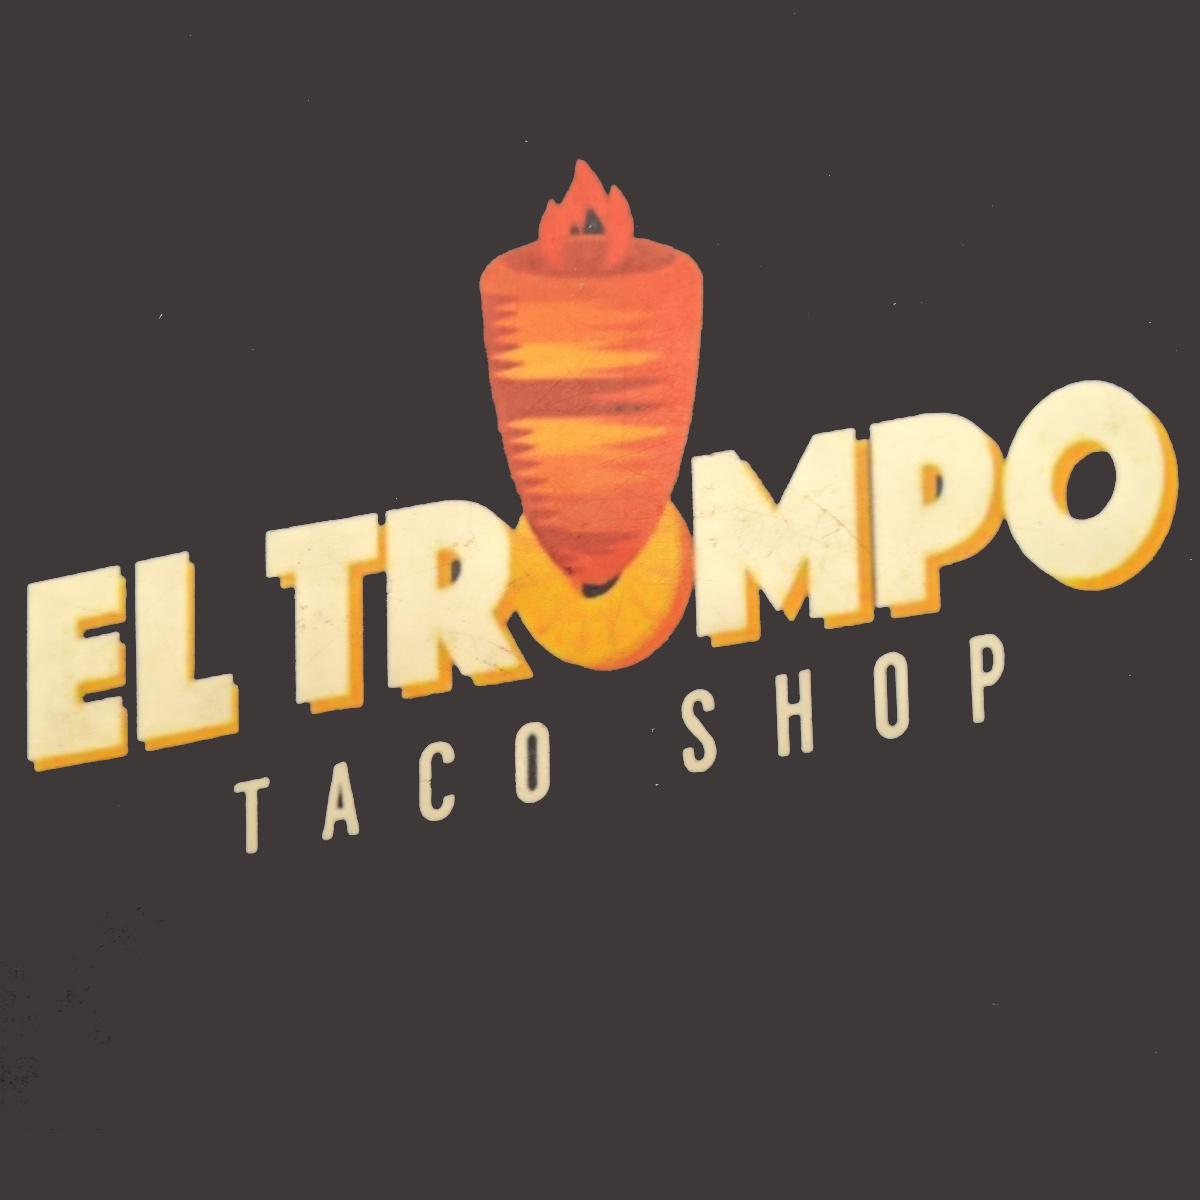 El Trompo Taco Shop